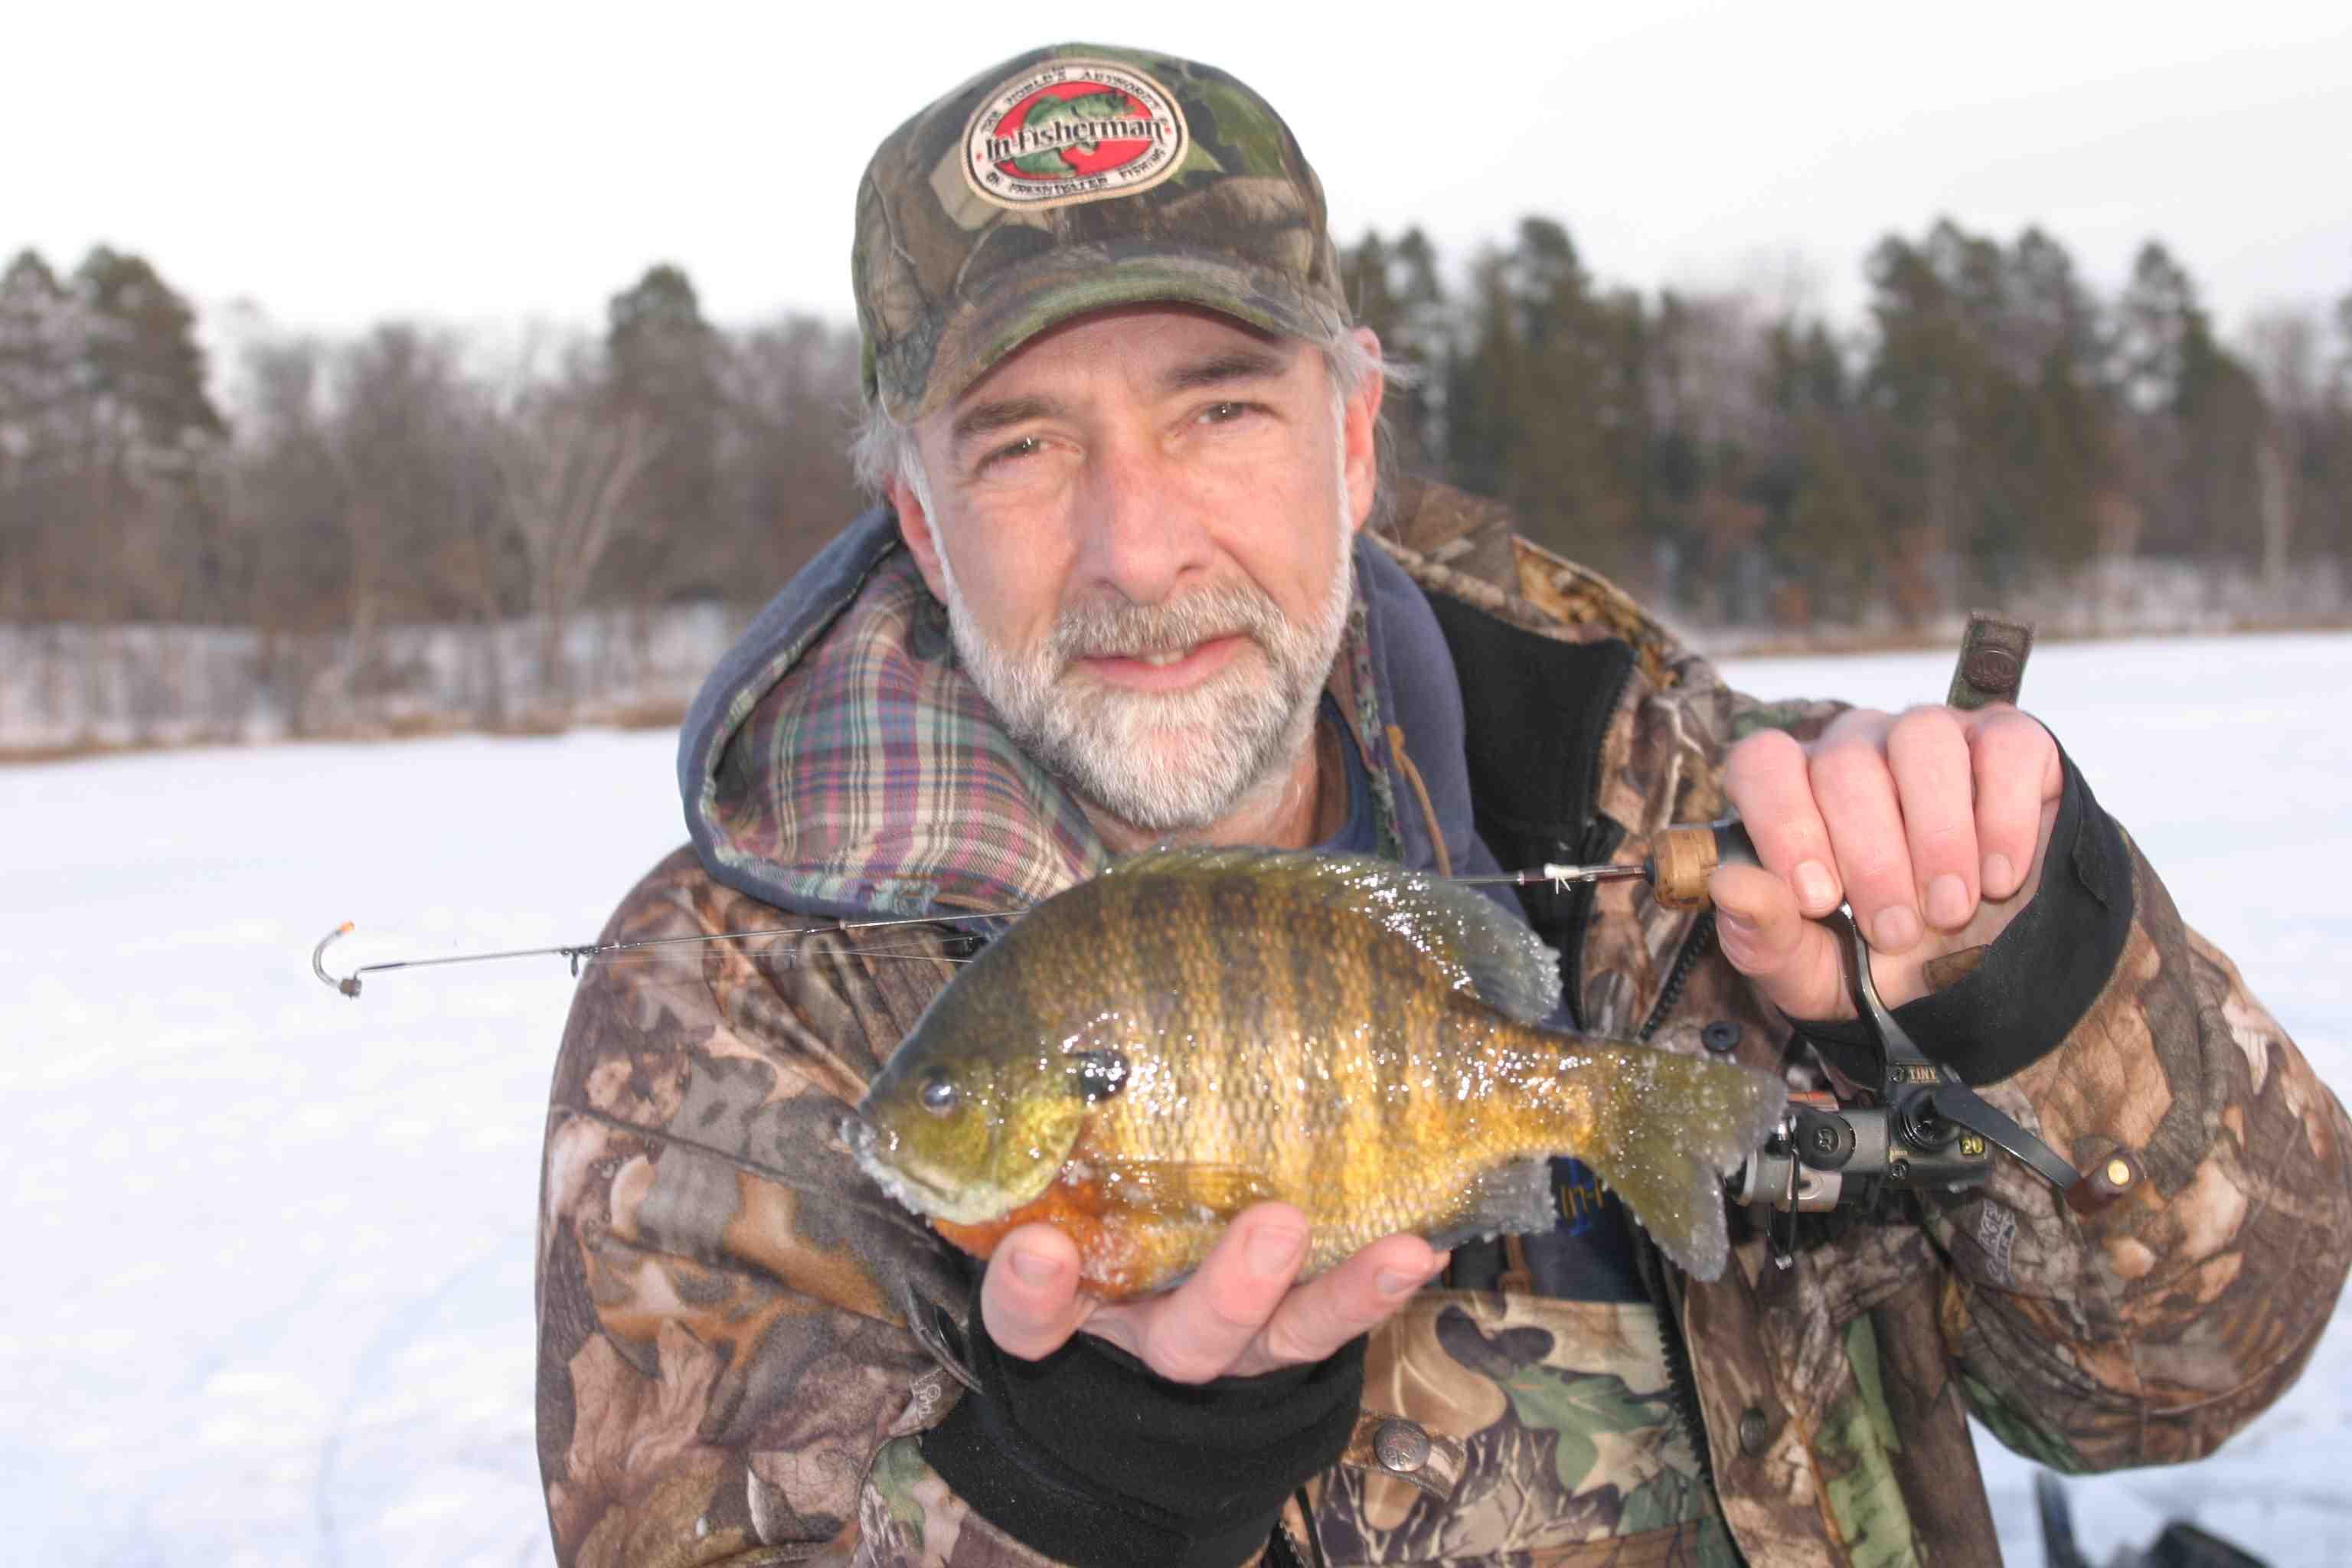 Attack Of The Holiday Panfish